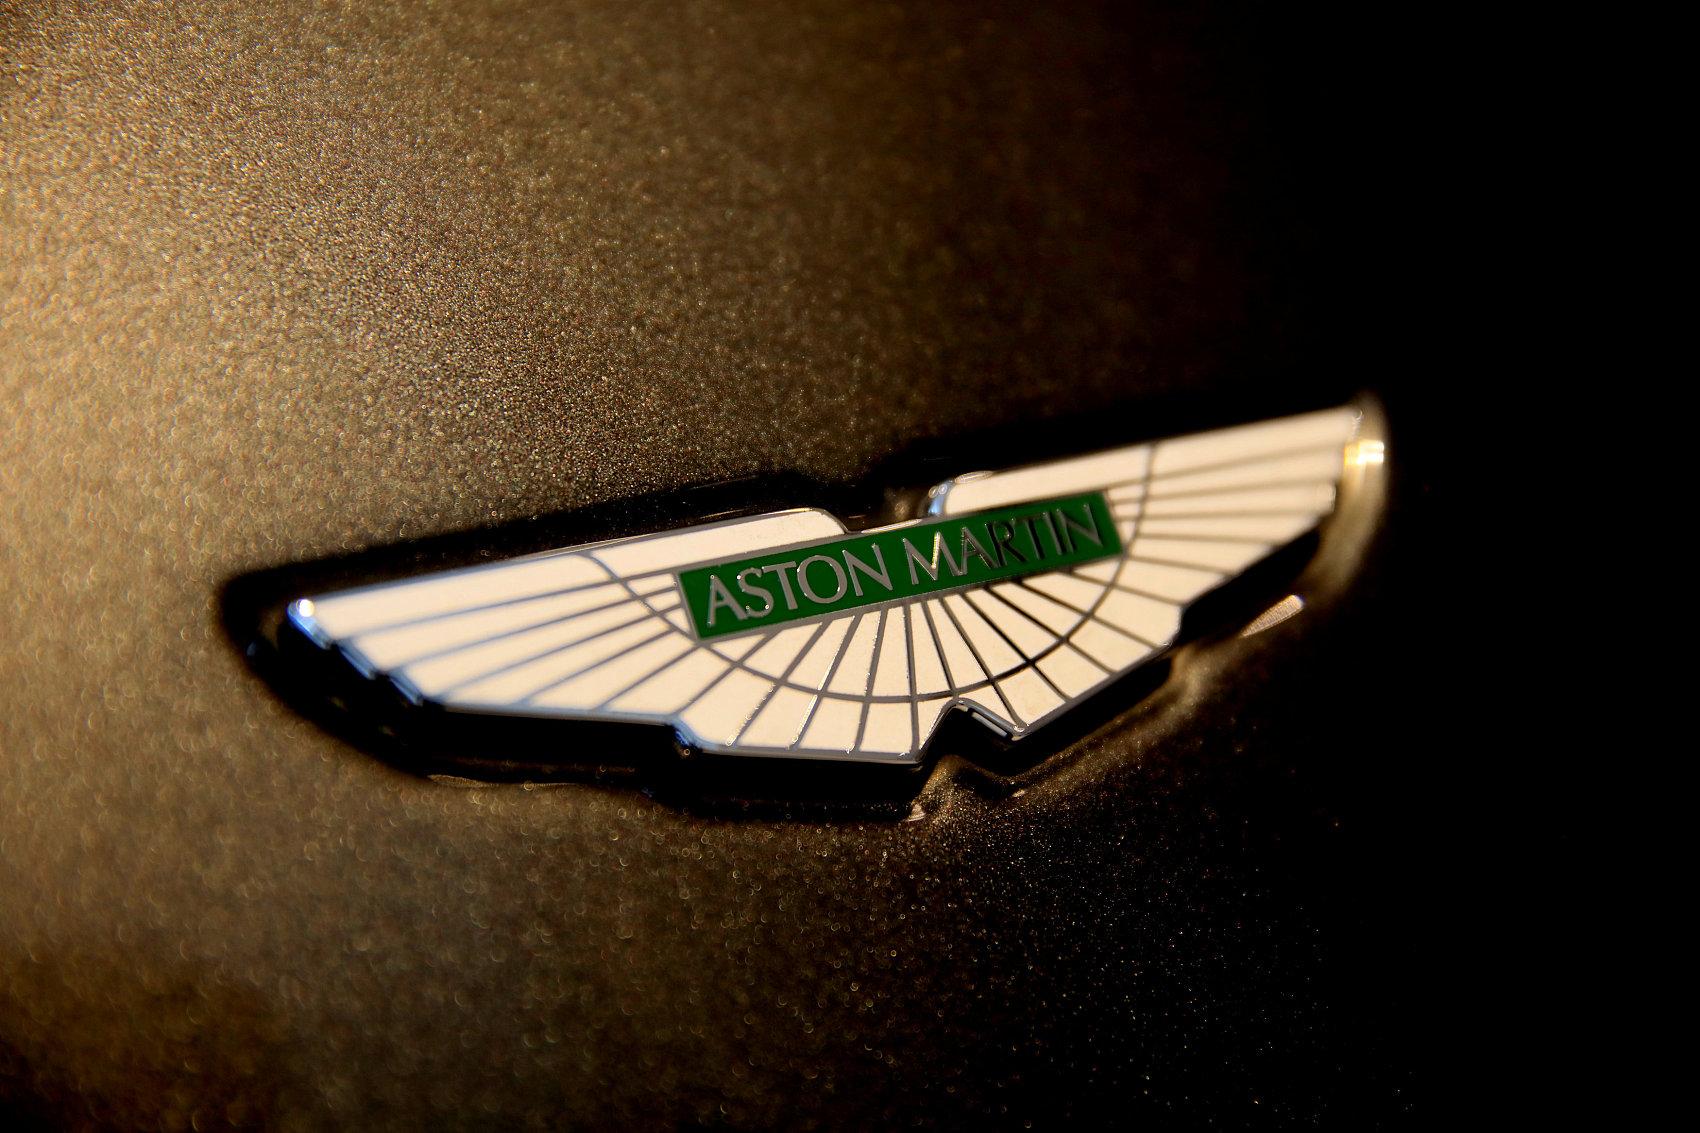 豪华汽车阿斯顿·马丁获1.82亿英镑新投资,领投方曾是 Michael Kors的大股东